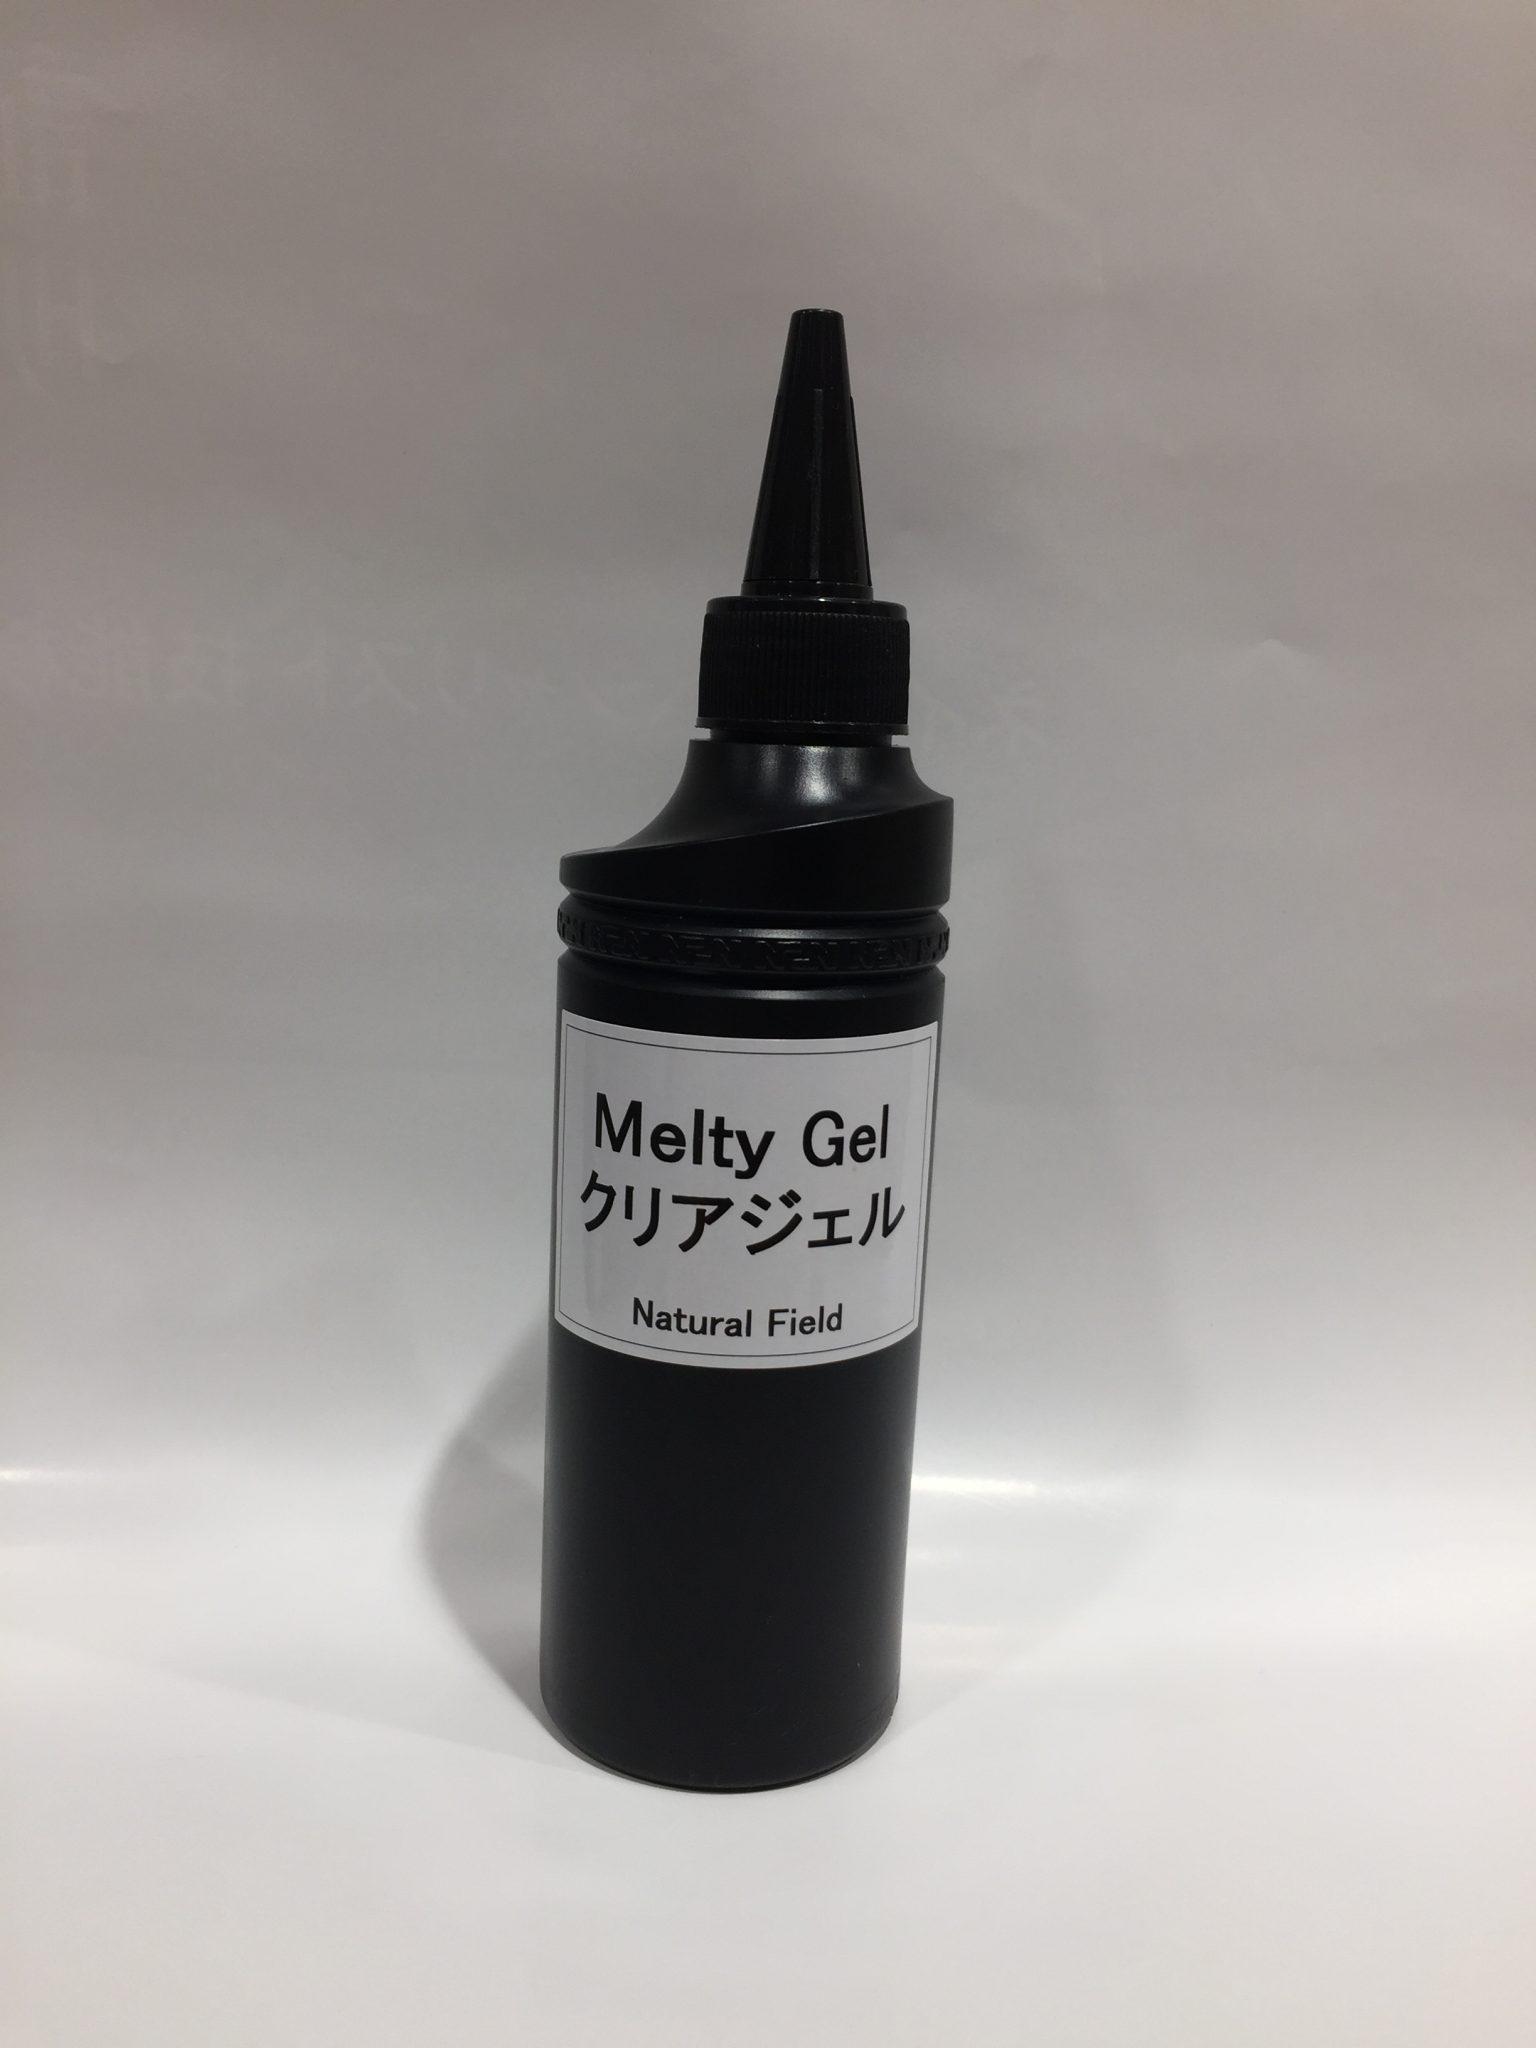 Melty Gel(メルティジェル) クリアジェル